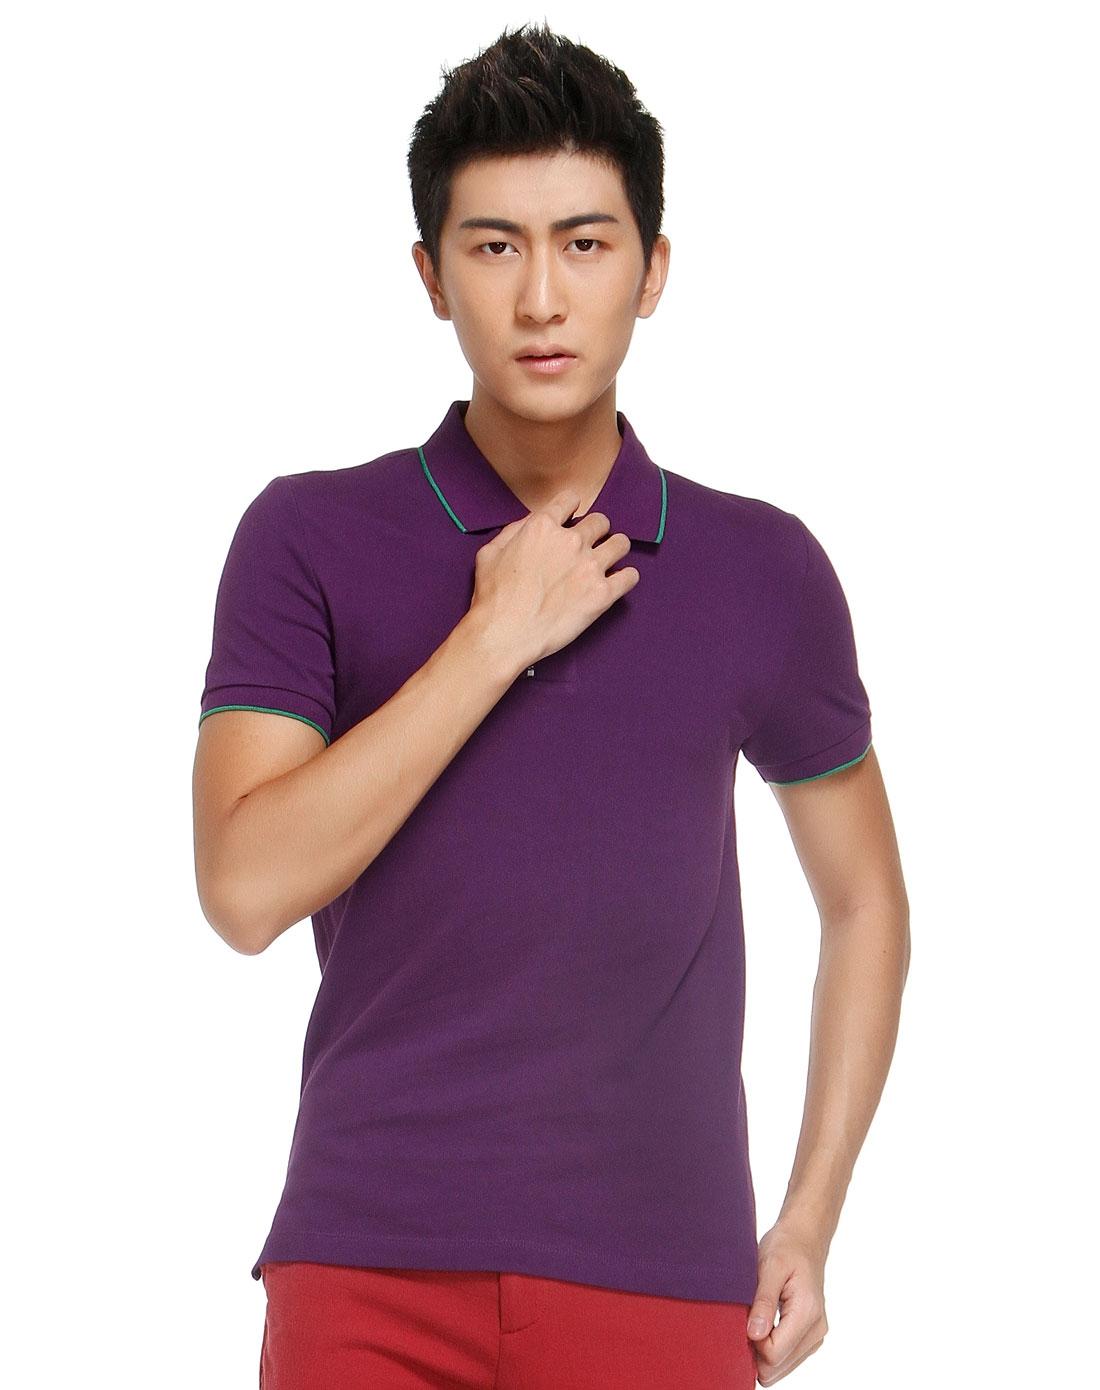 拉链拼接紫色翻领短袖t恤